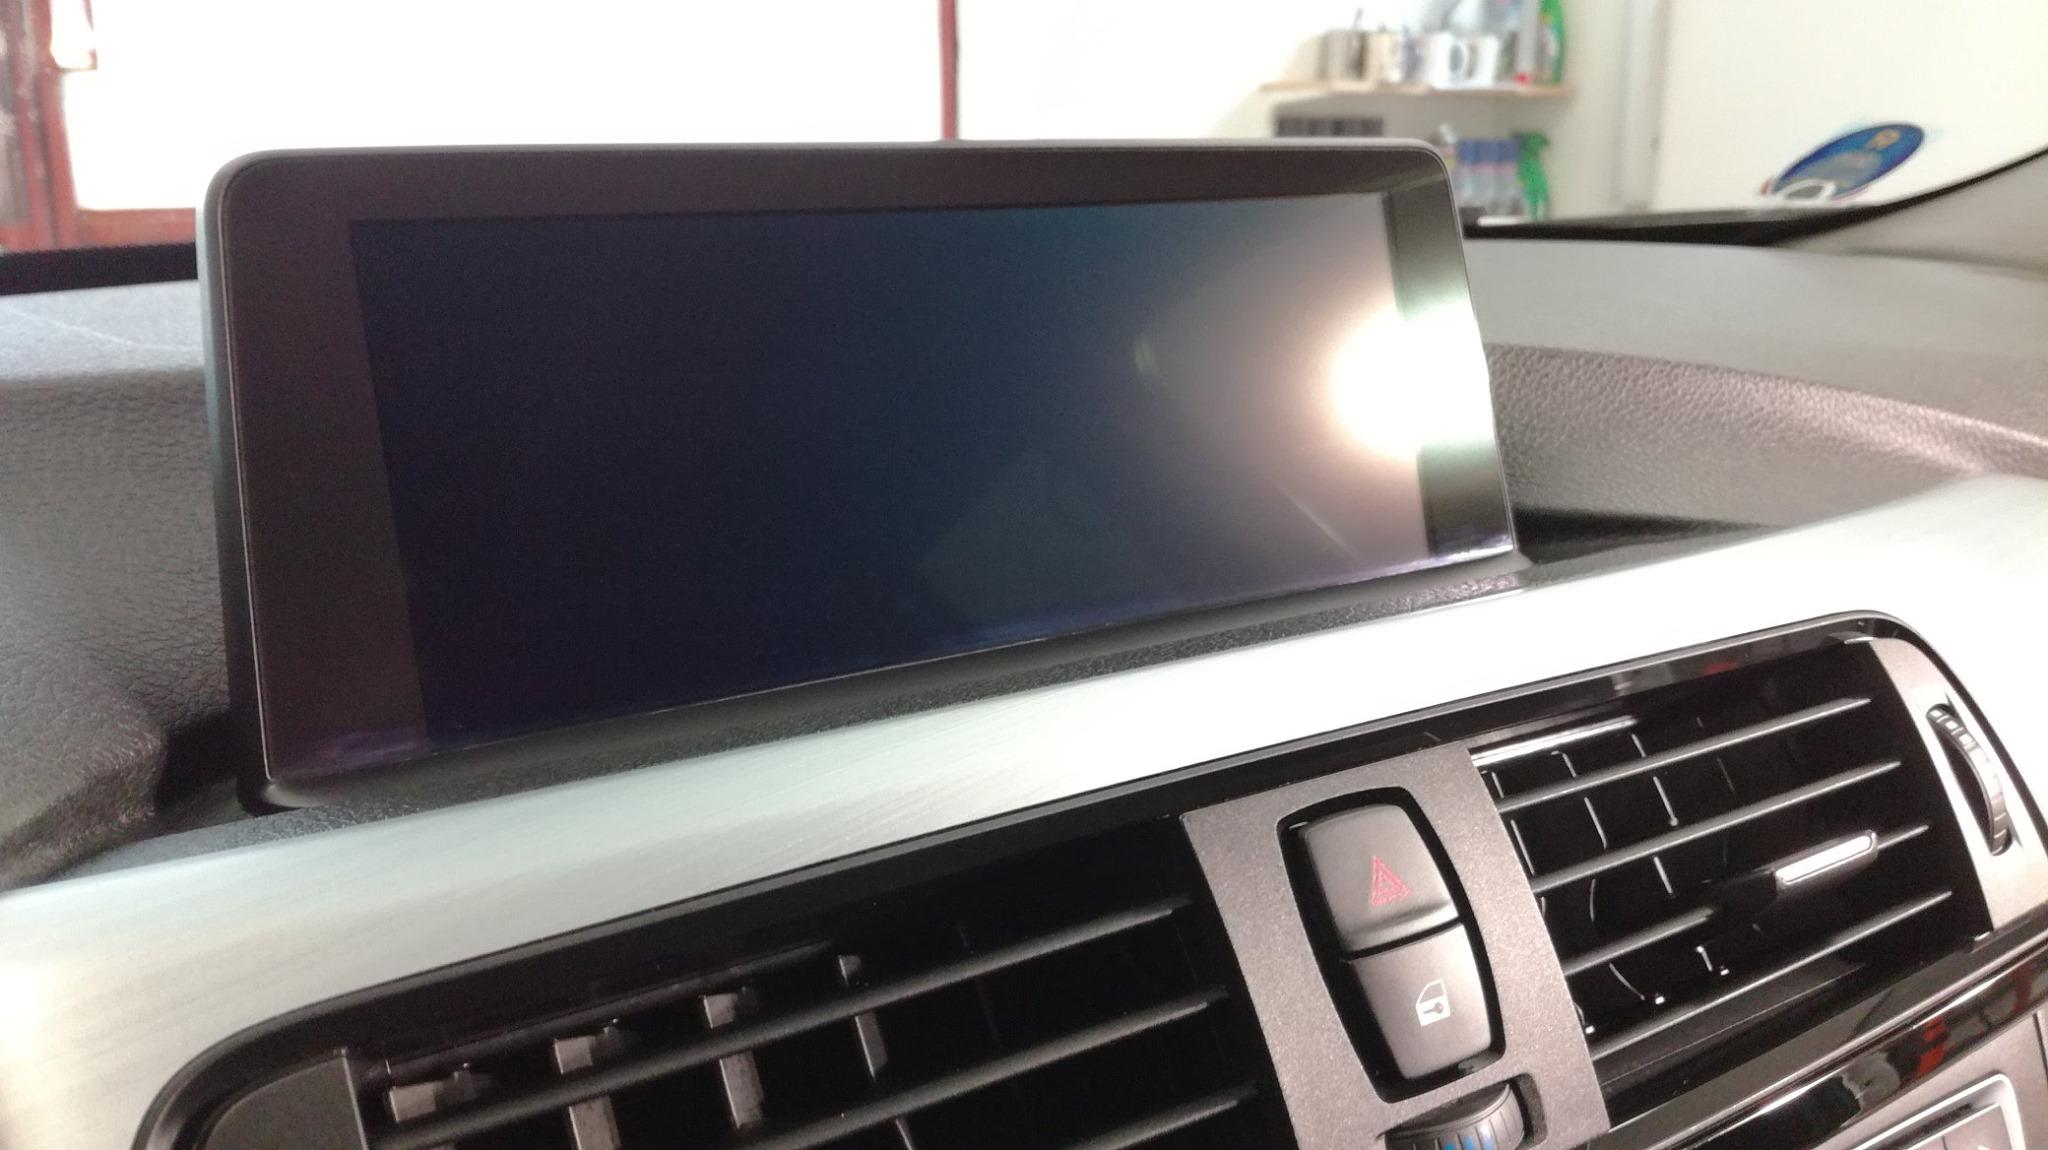 Naše TOP Detailingová služba - Čištění interiérů aut AUTO KRAUS GARAGE - detailing